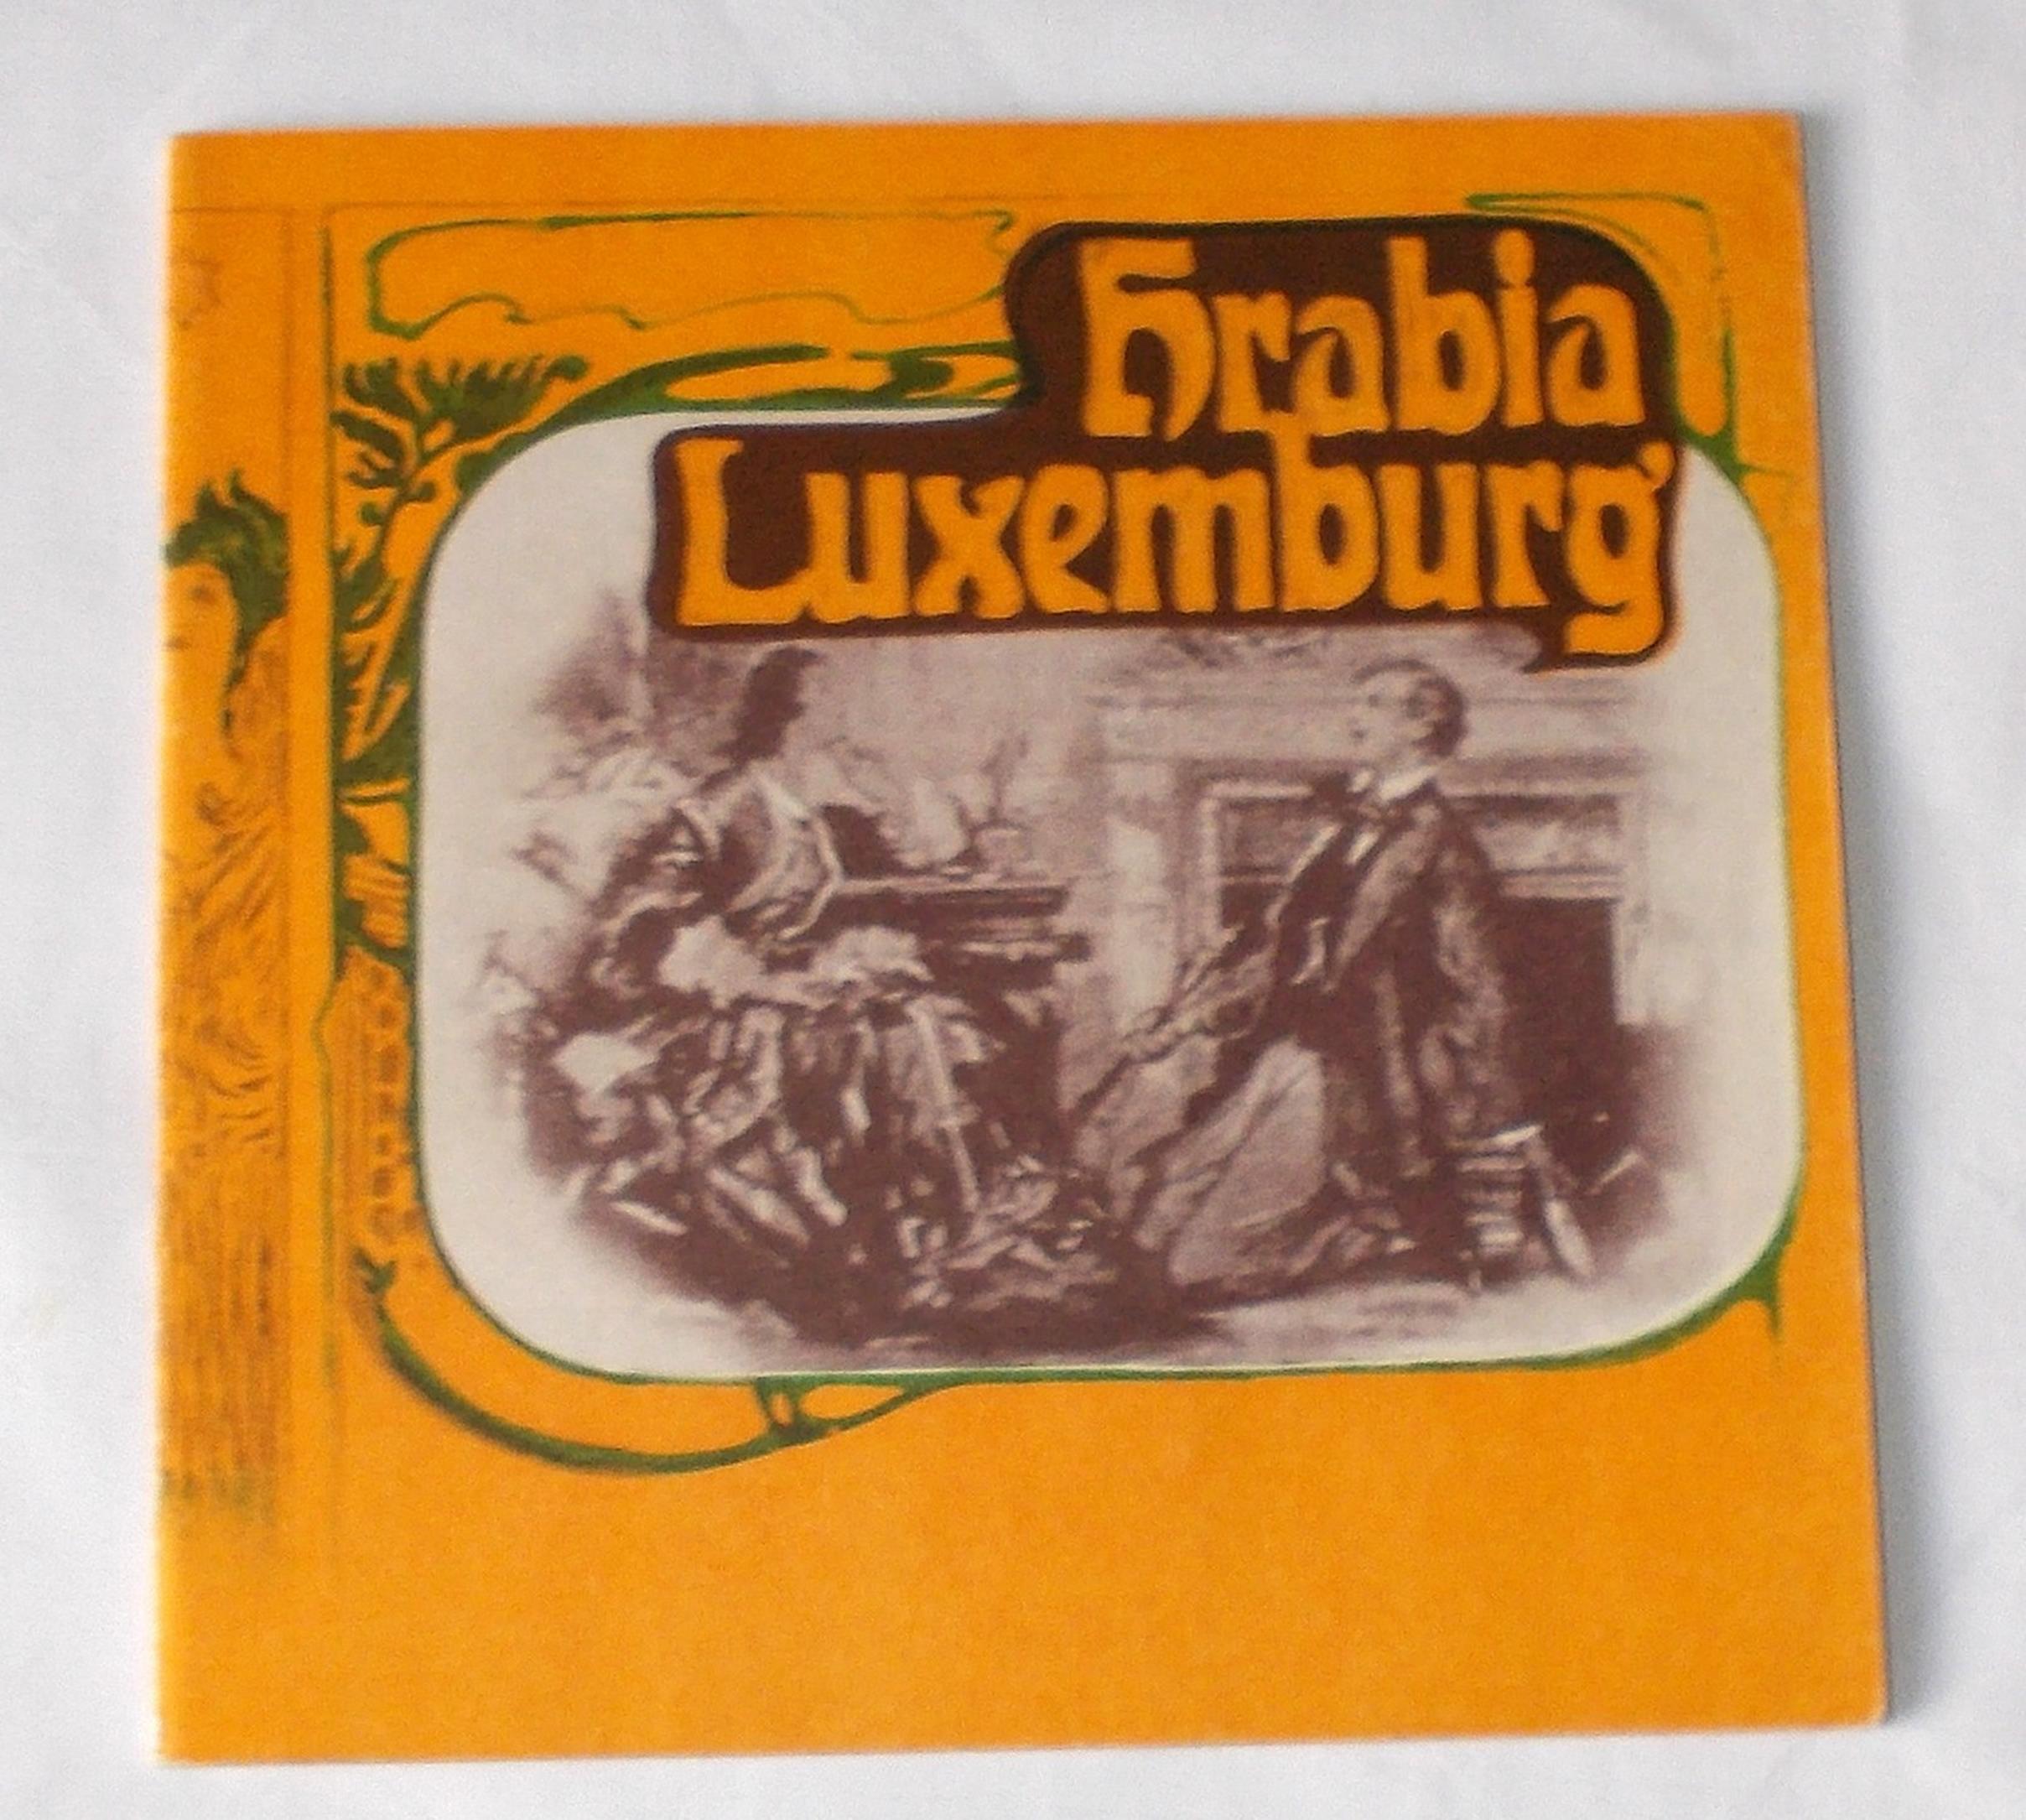 Programmheft Hrabia Luxemburg. Der Graf von Luxemburg. Krakau 1976